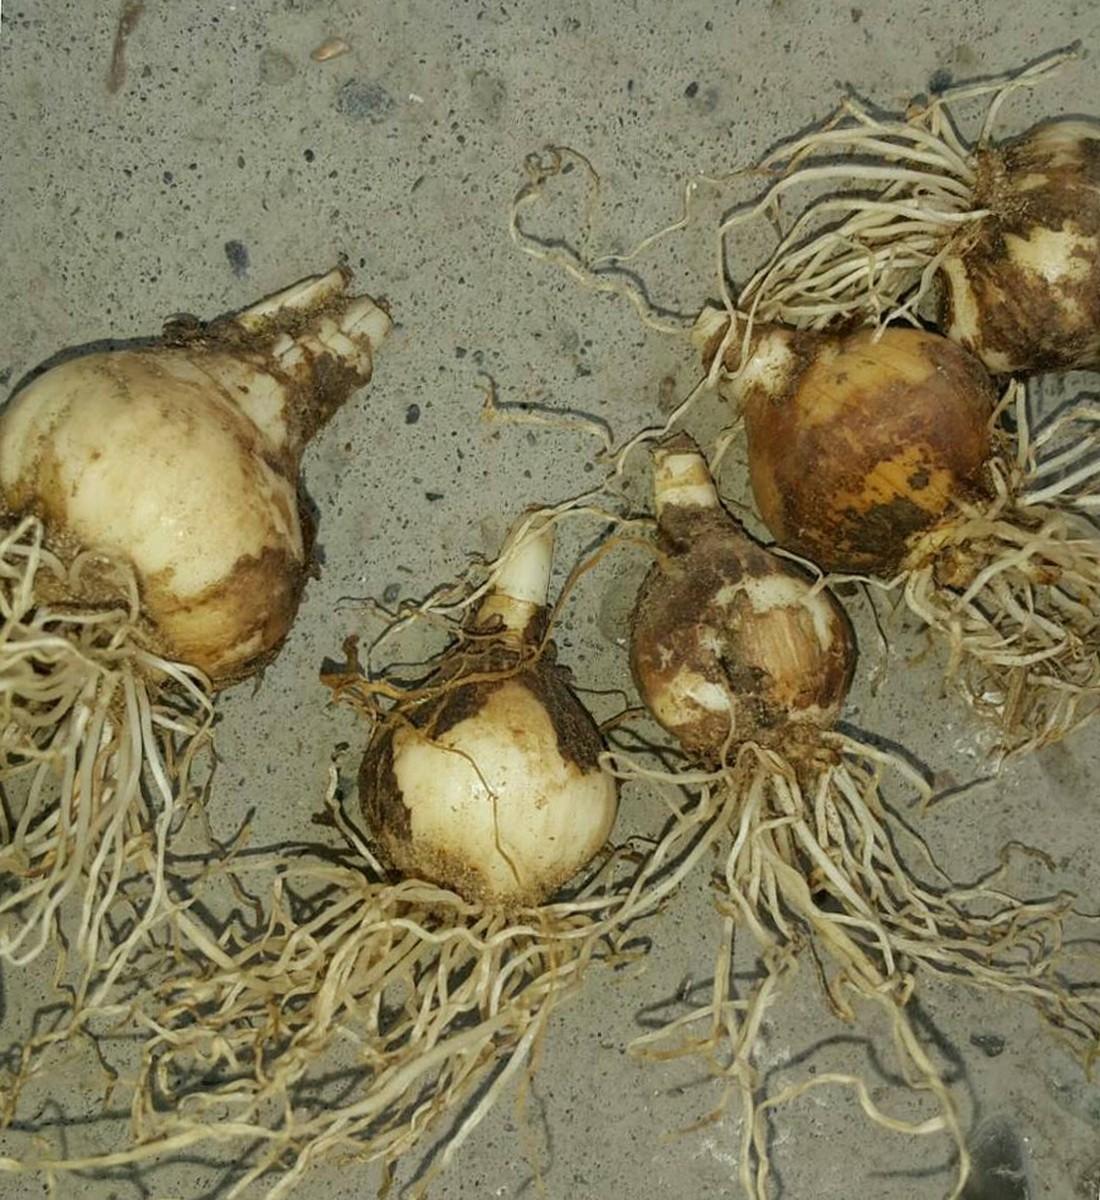 euharis-foto-video-vidy-i-sorta-amazonskoj-lilii-razmnozhenie-i-uhod-16